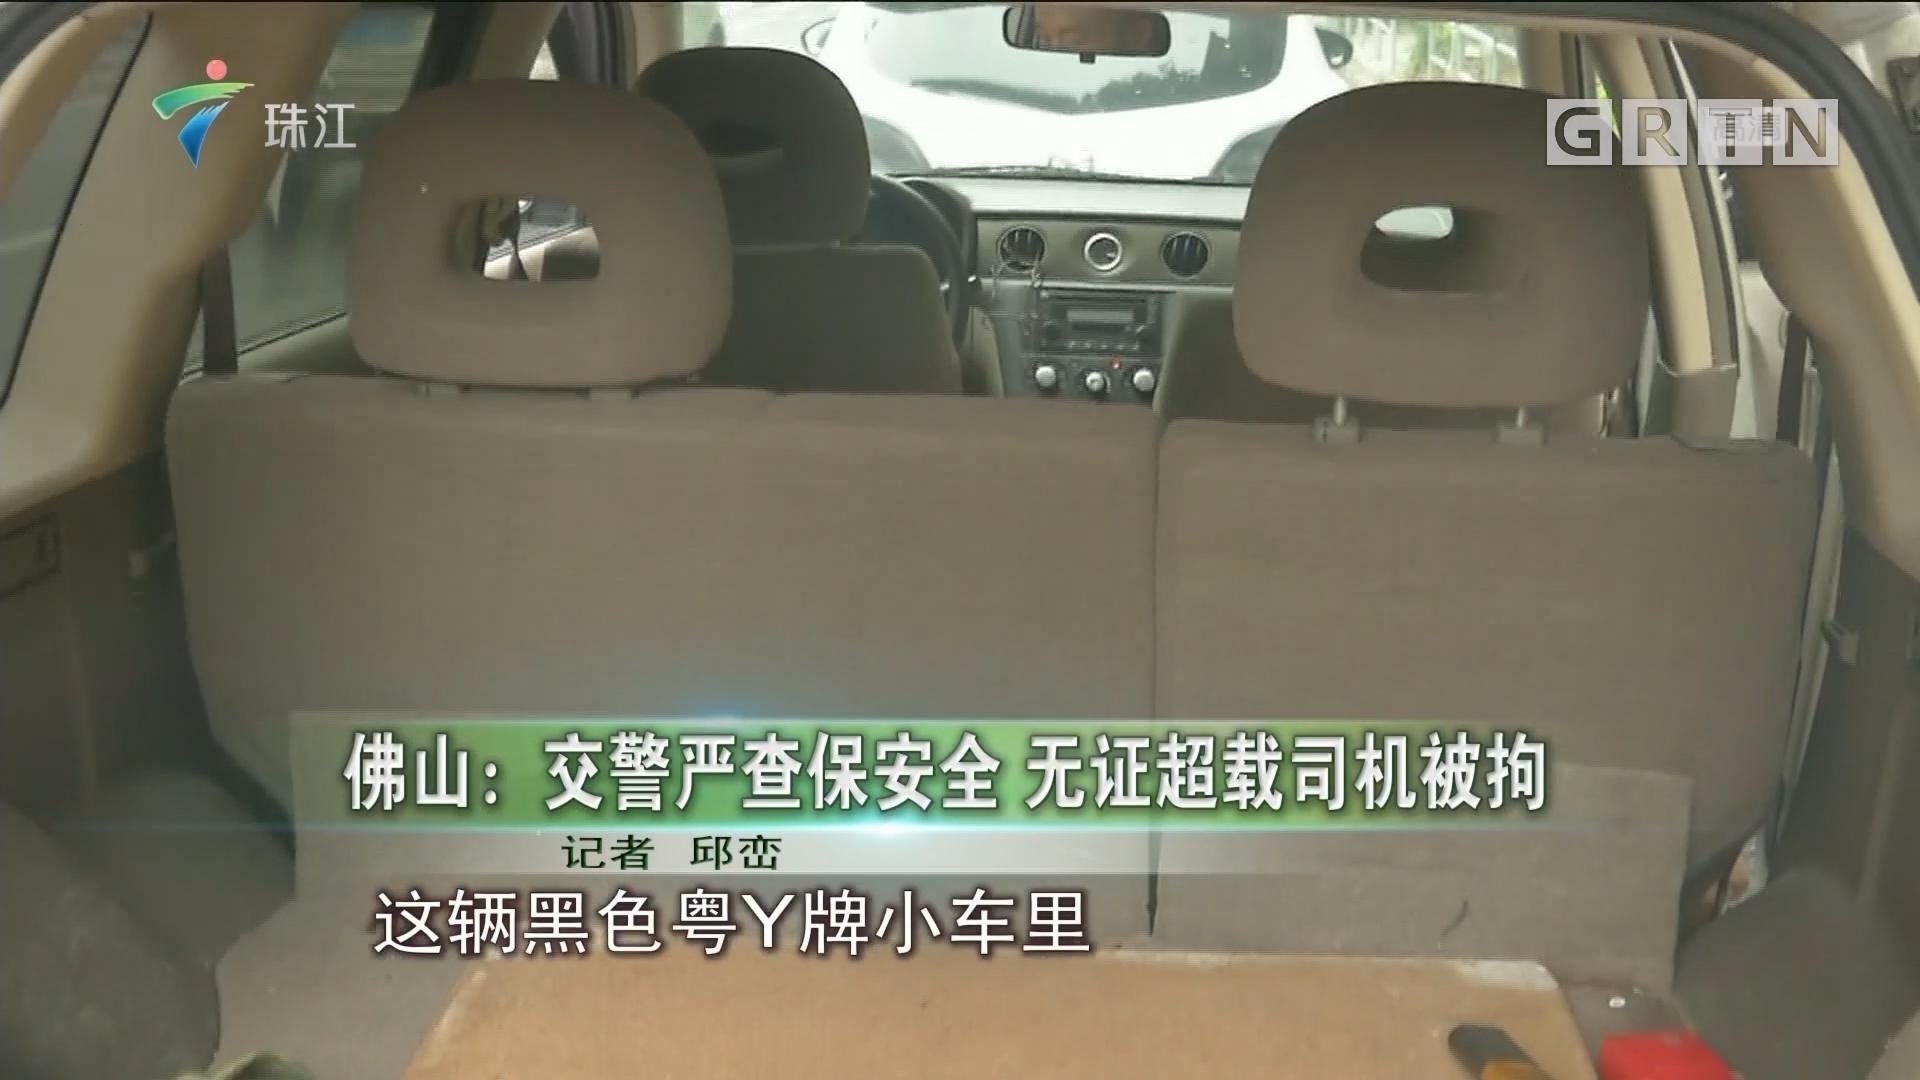 佛山:交警严查保安全 无证超载司机被拘